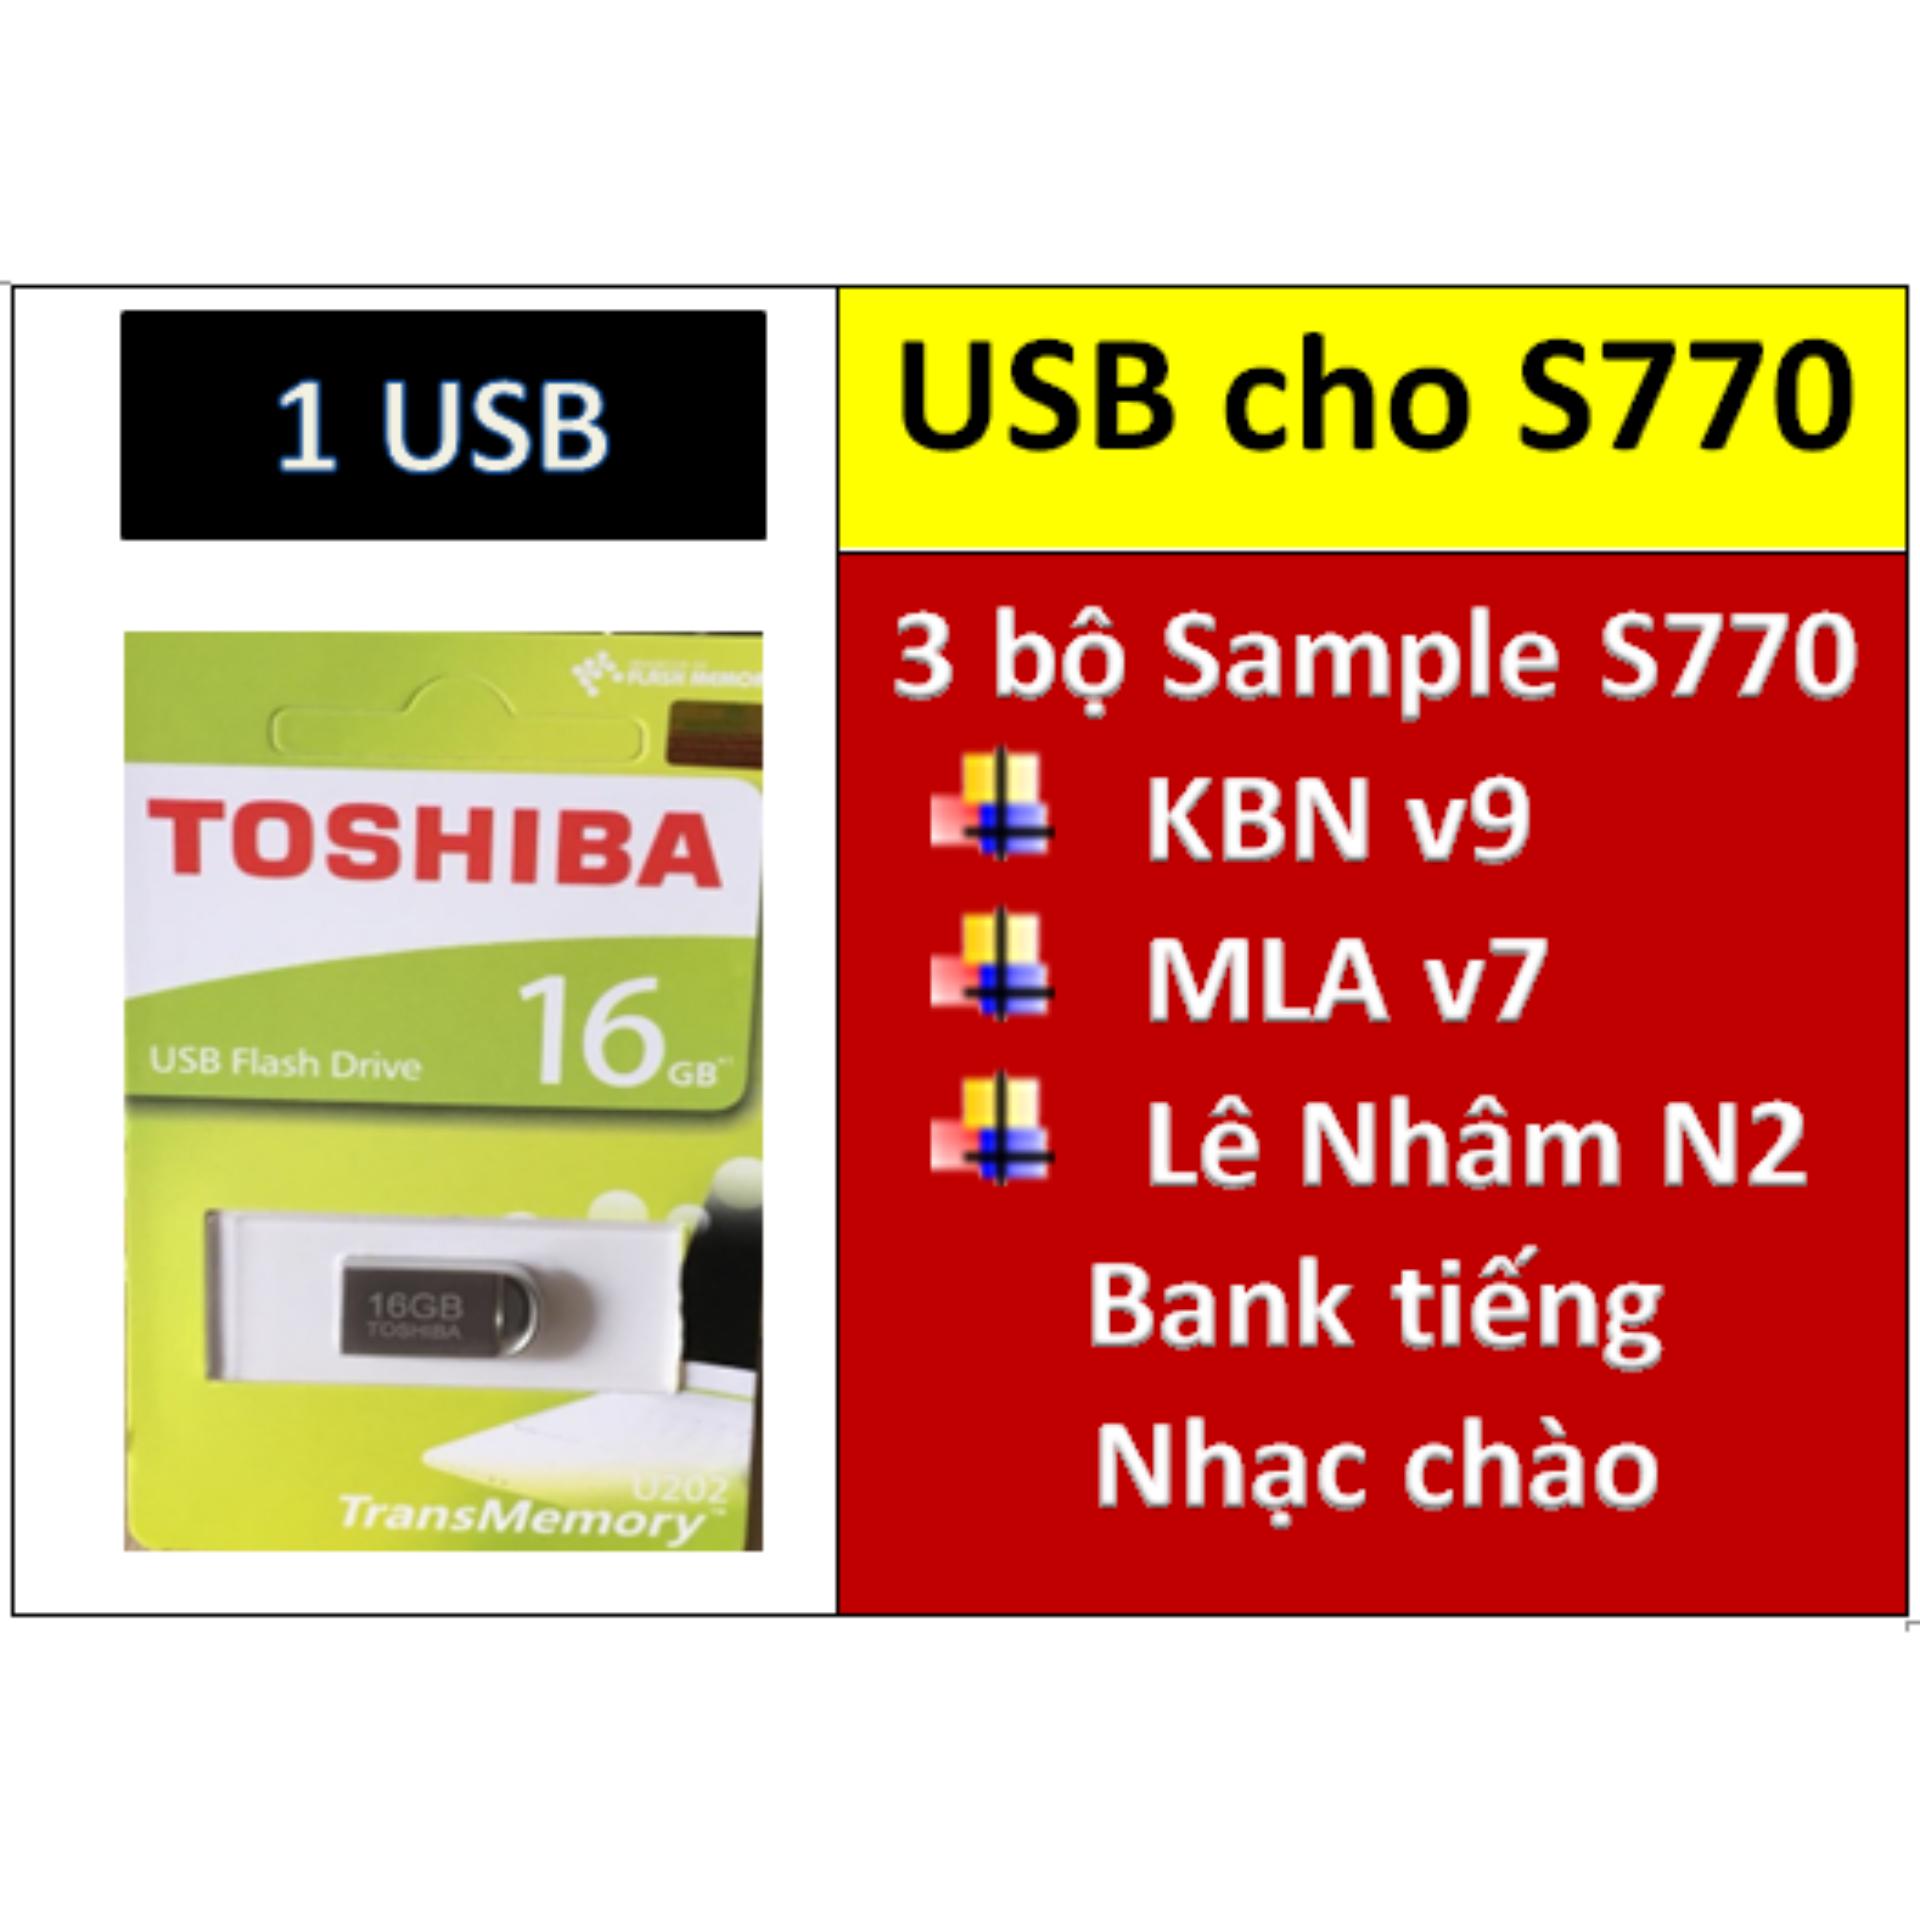 USB mini 3 BỘ Sample cho đàn organ yamaha PSR S770: Sample KBN v9, MLA v7, Lê Nhâm N2 + Full dữ liệu làm show